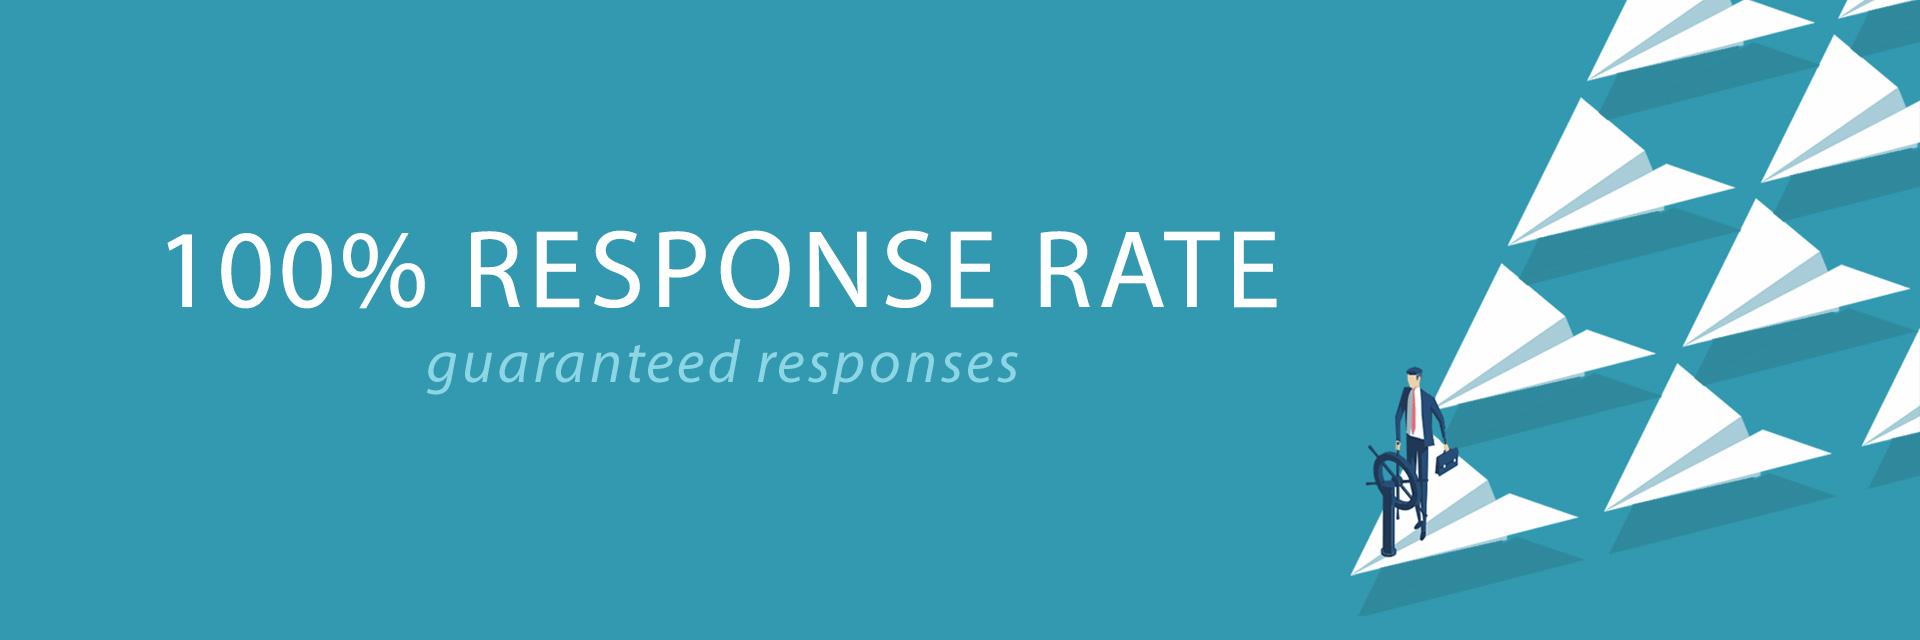 外贸开发信视频:用真实例子来告诉你100%回复率的开发信策略